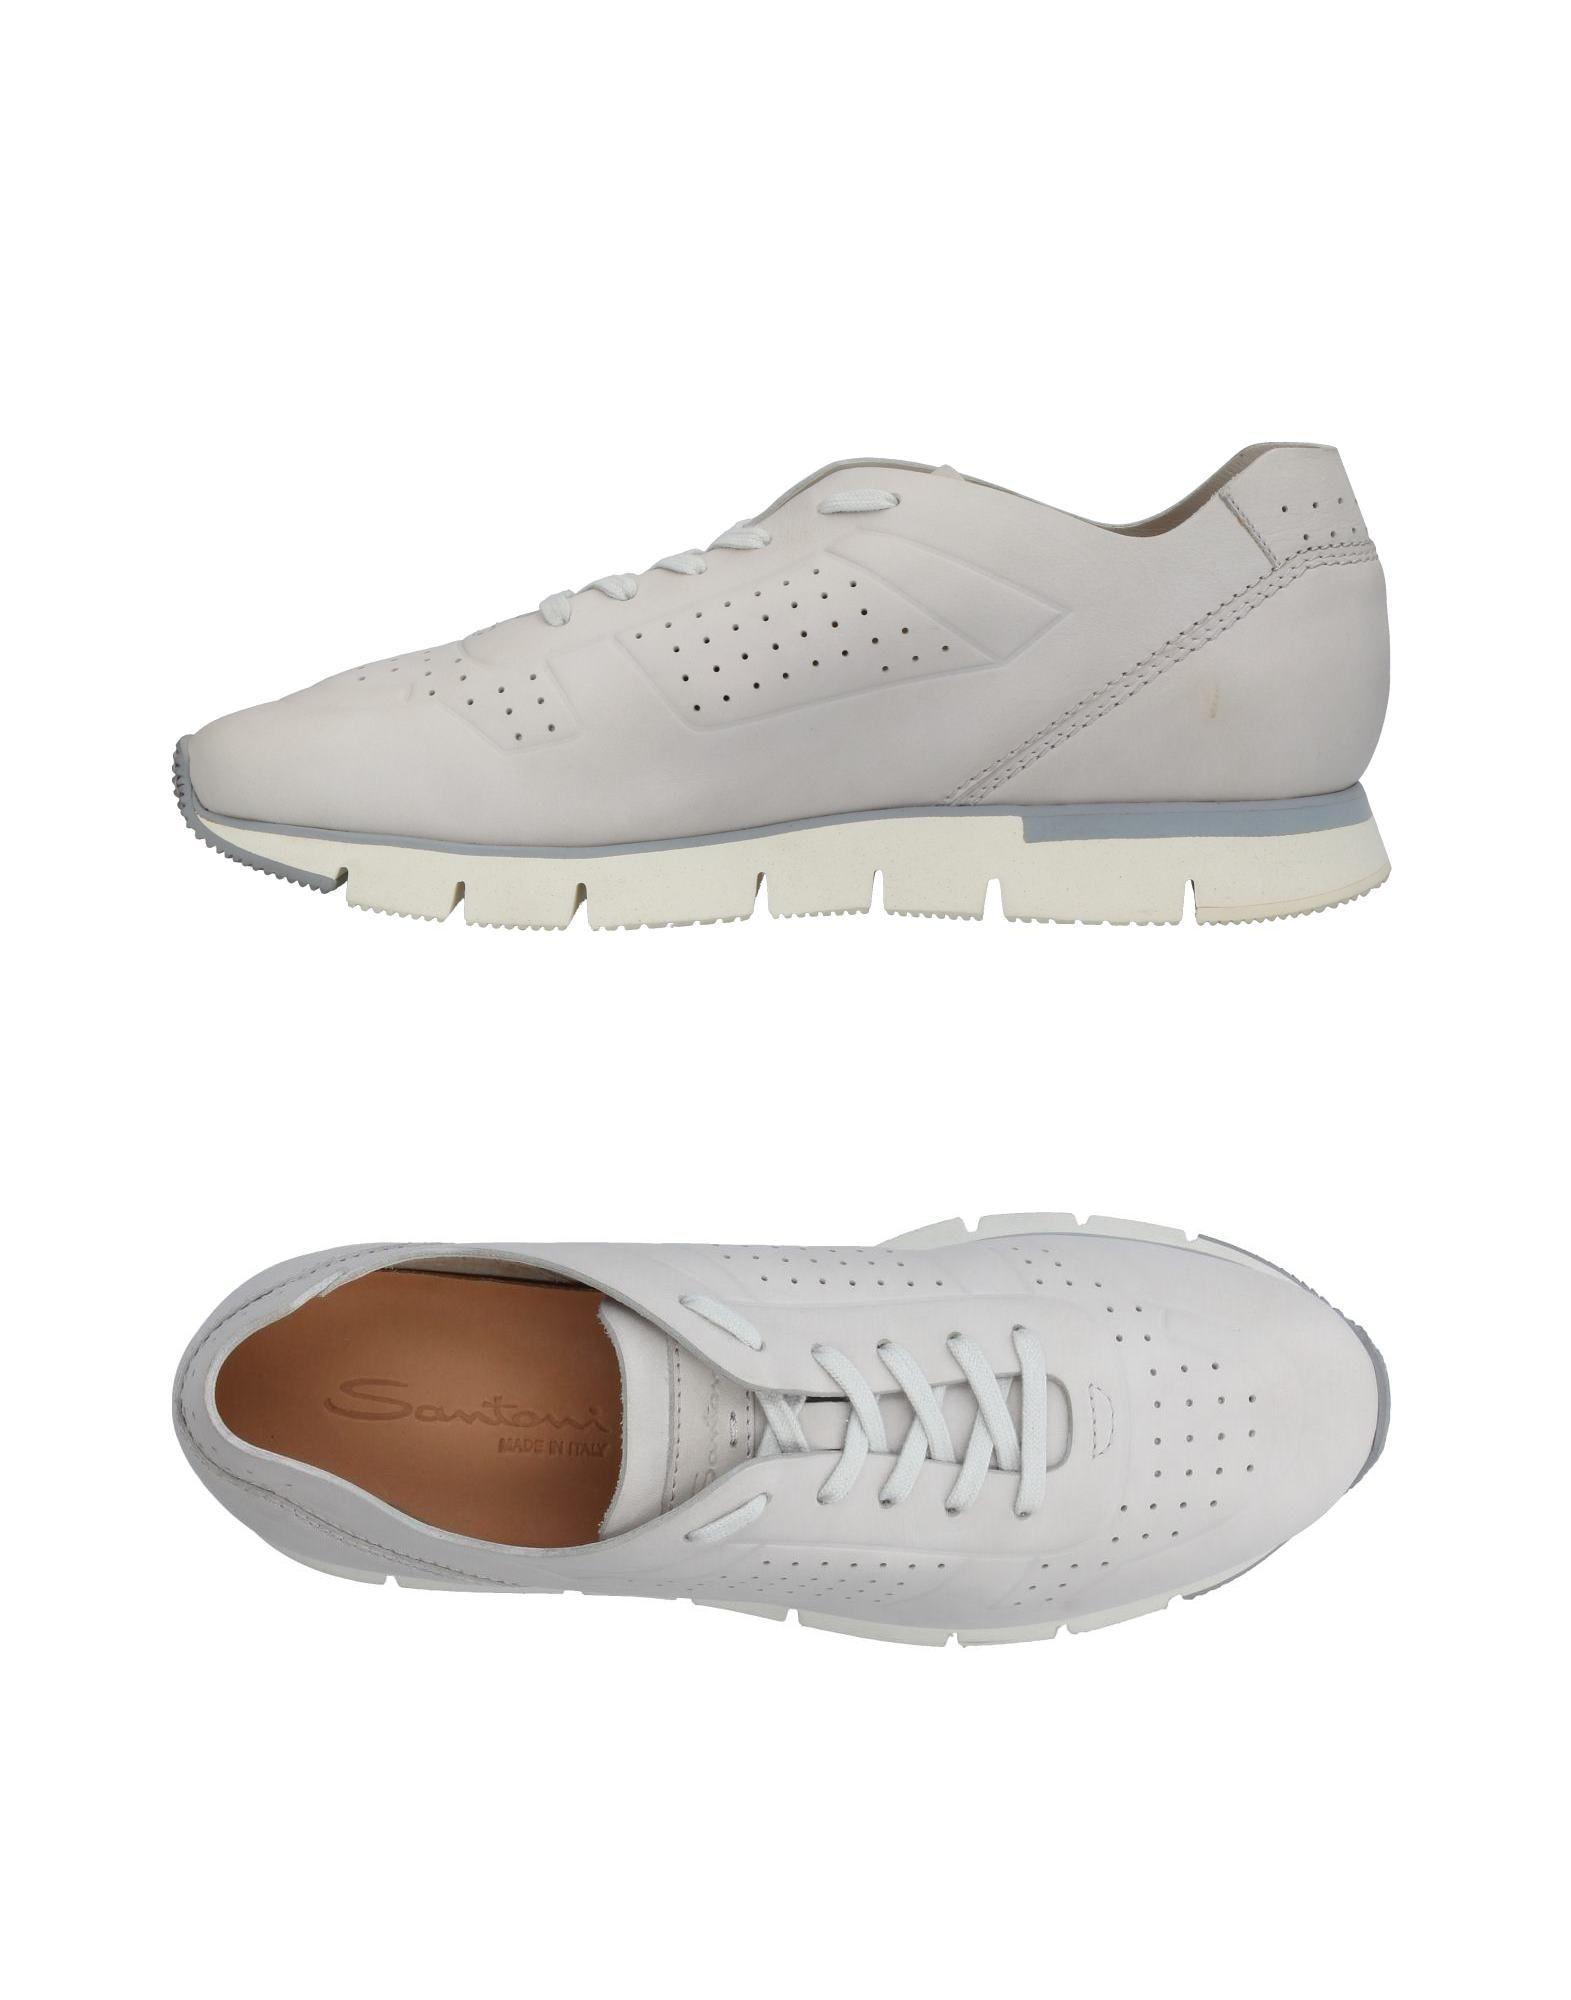 Santoni Sneakers Herren  11367995XB Gute Qualität beliebte Schuhe